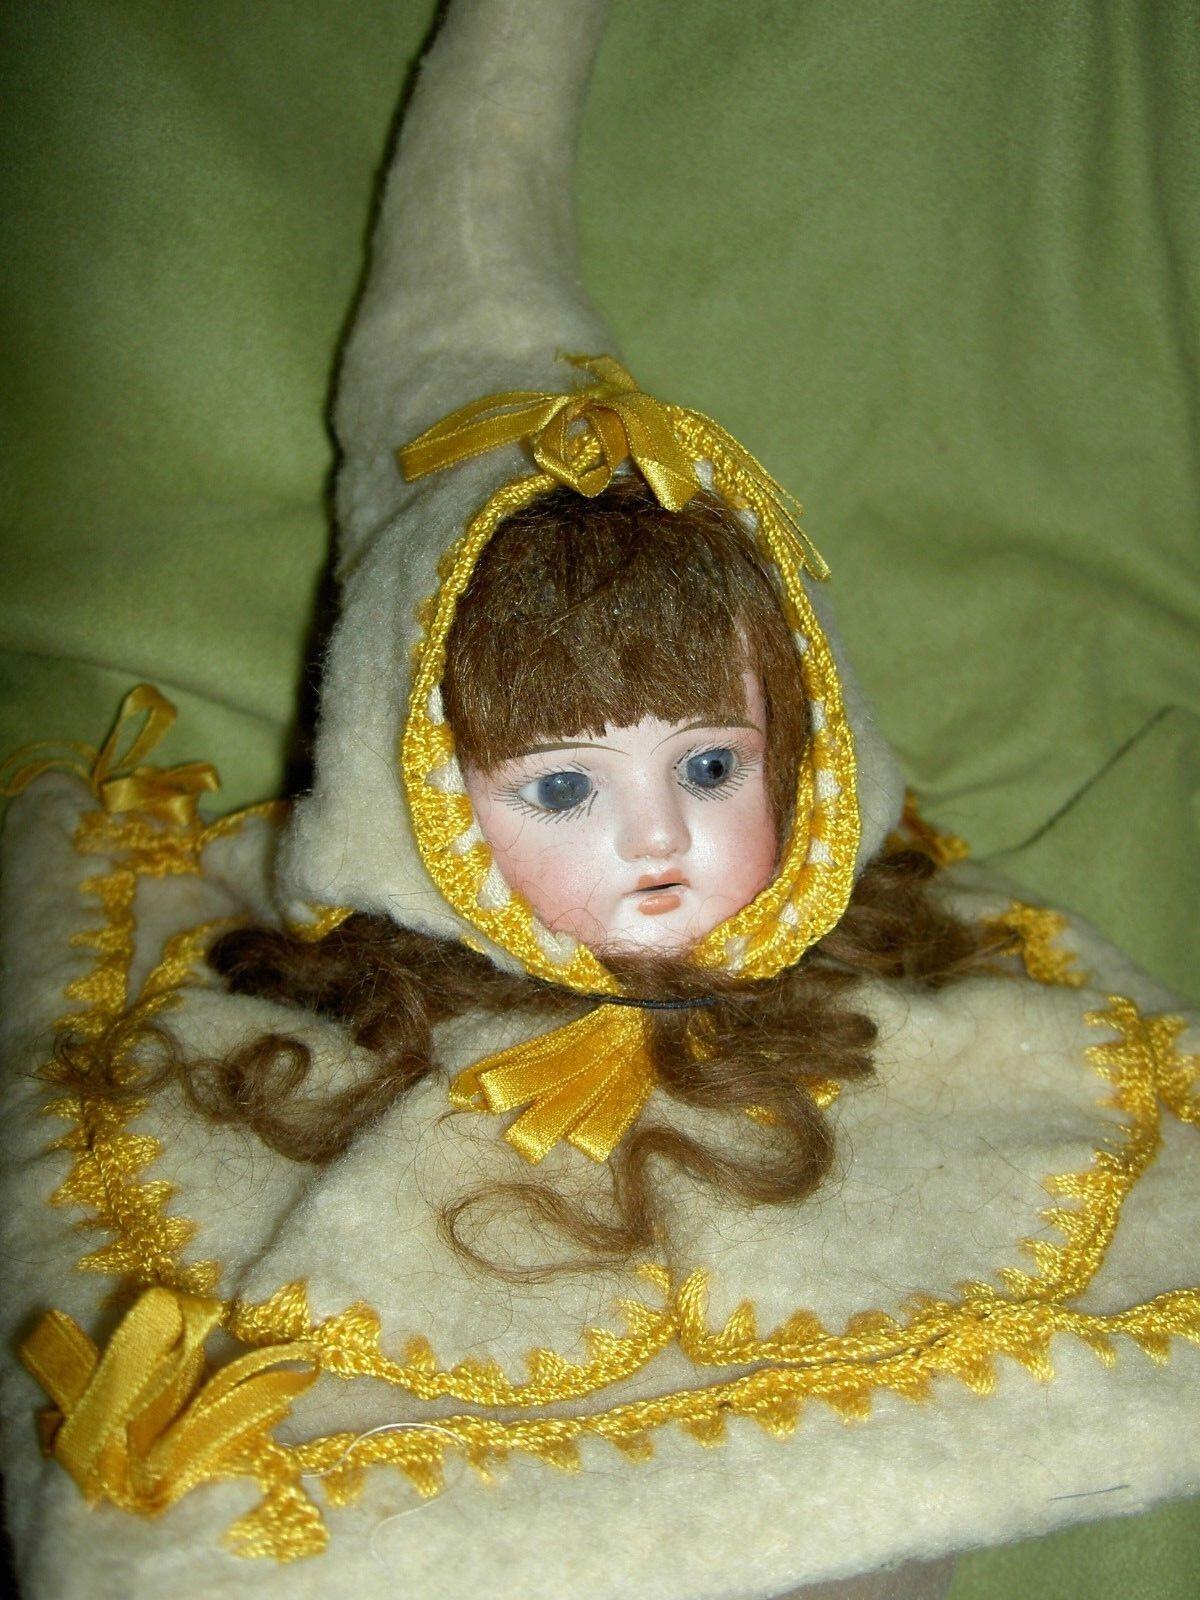 Encantador Alemán Antiguo Muñeca Biscuit, Época Victoriana Accesorio de Coser shoulderhead